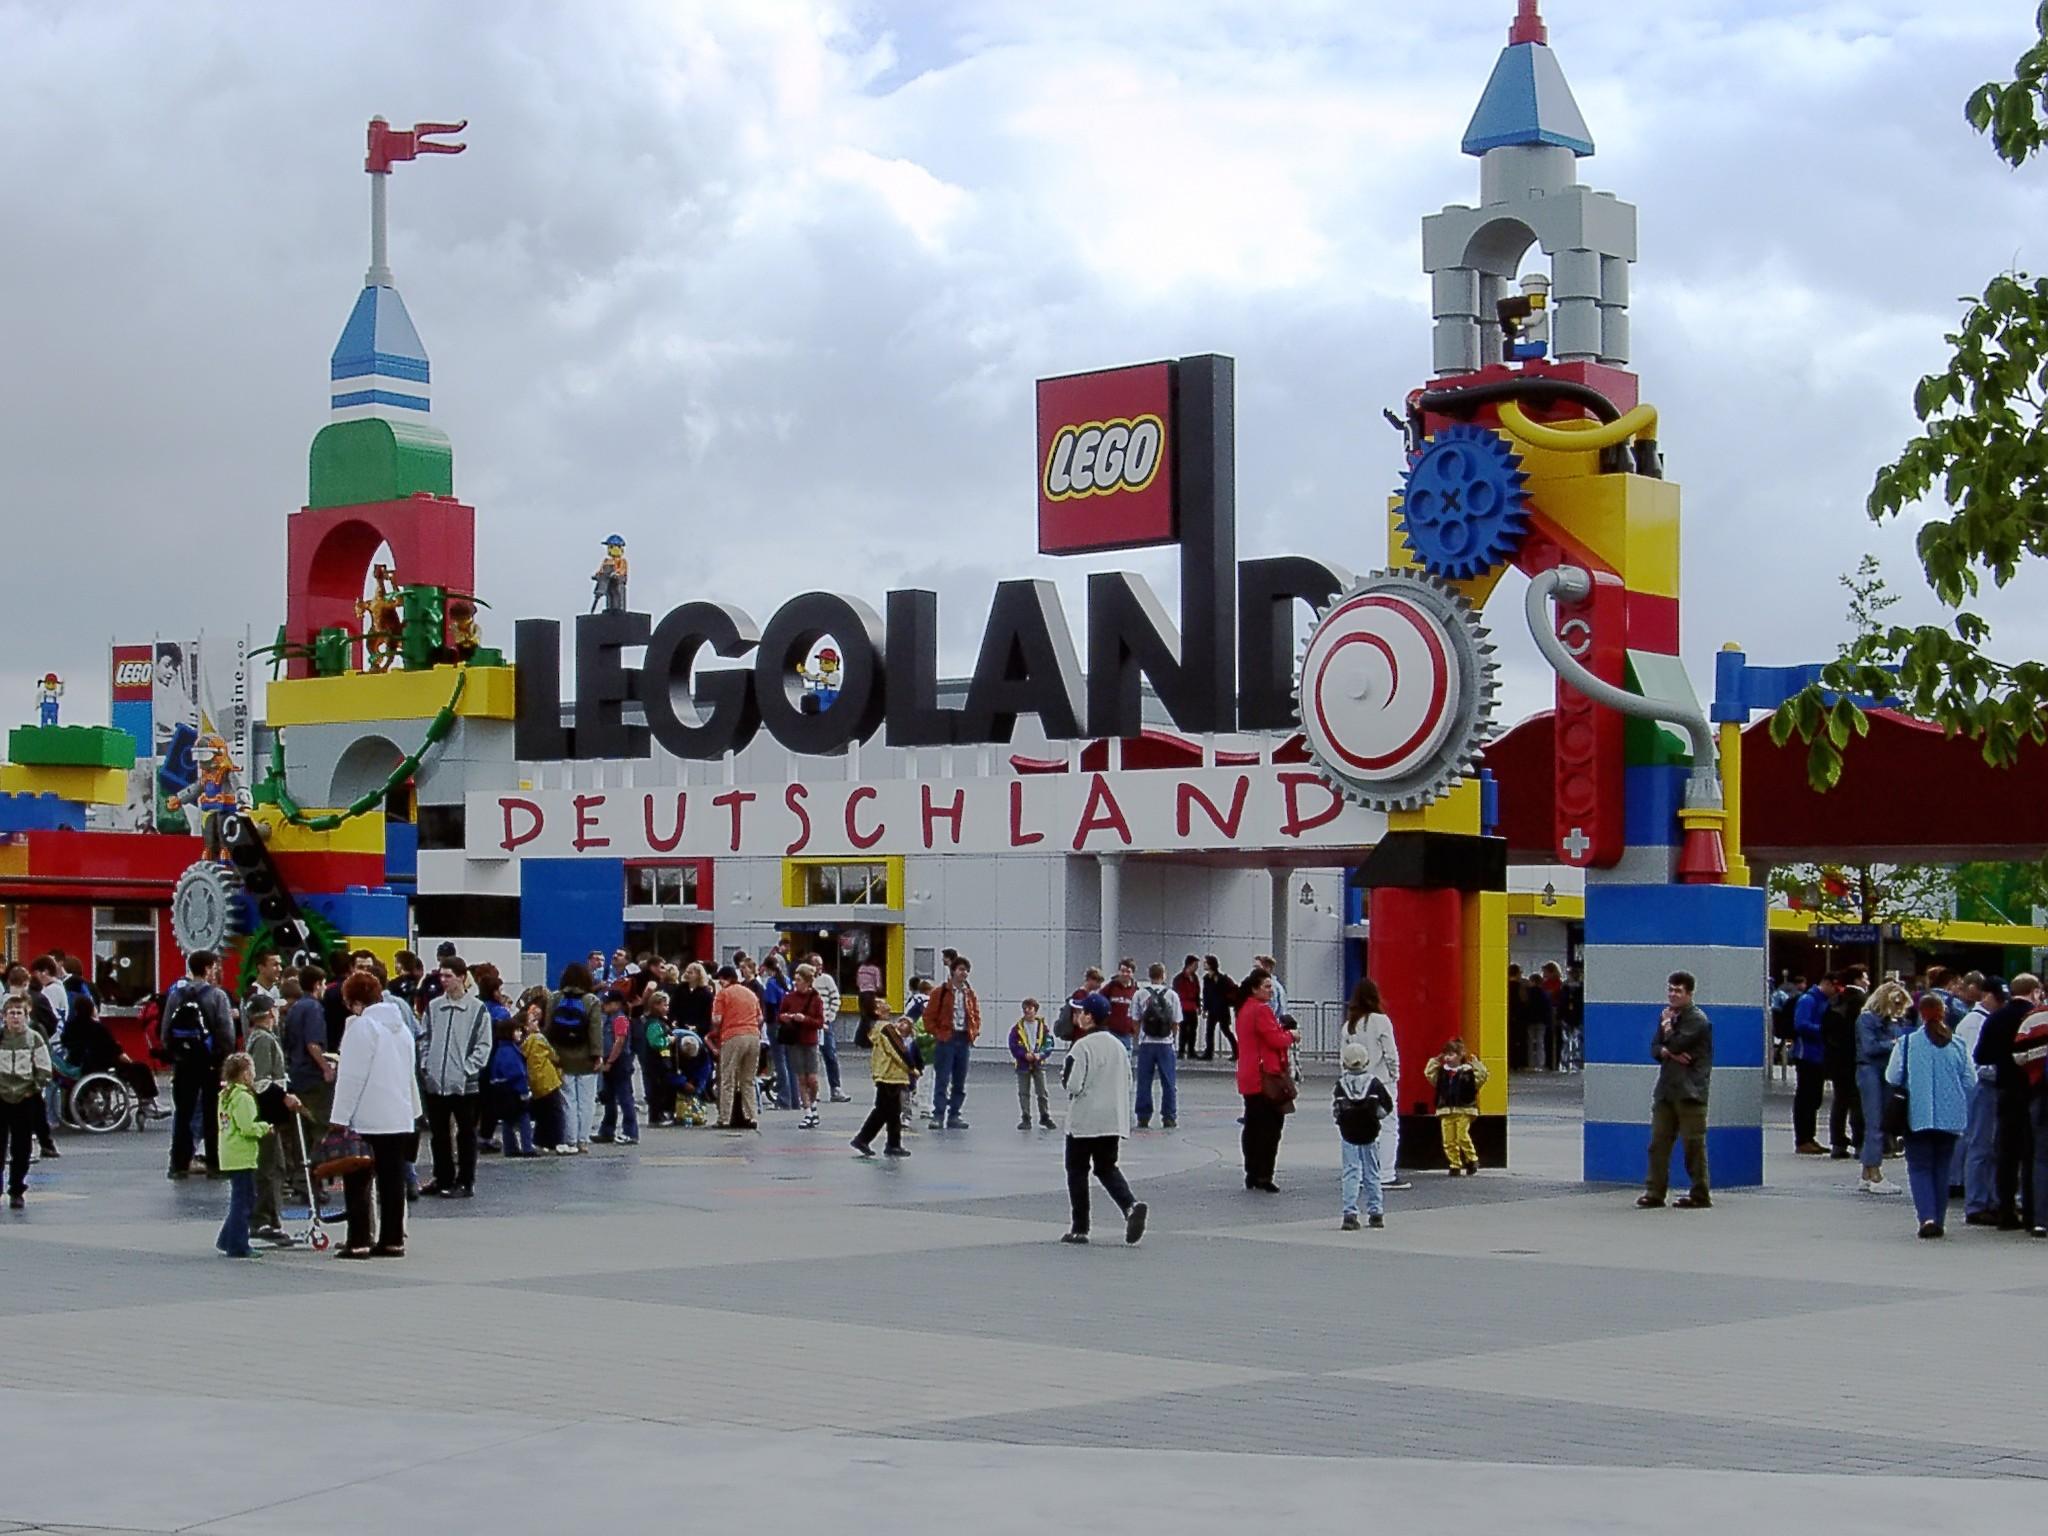 File:Legoland Deutschland.jpg